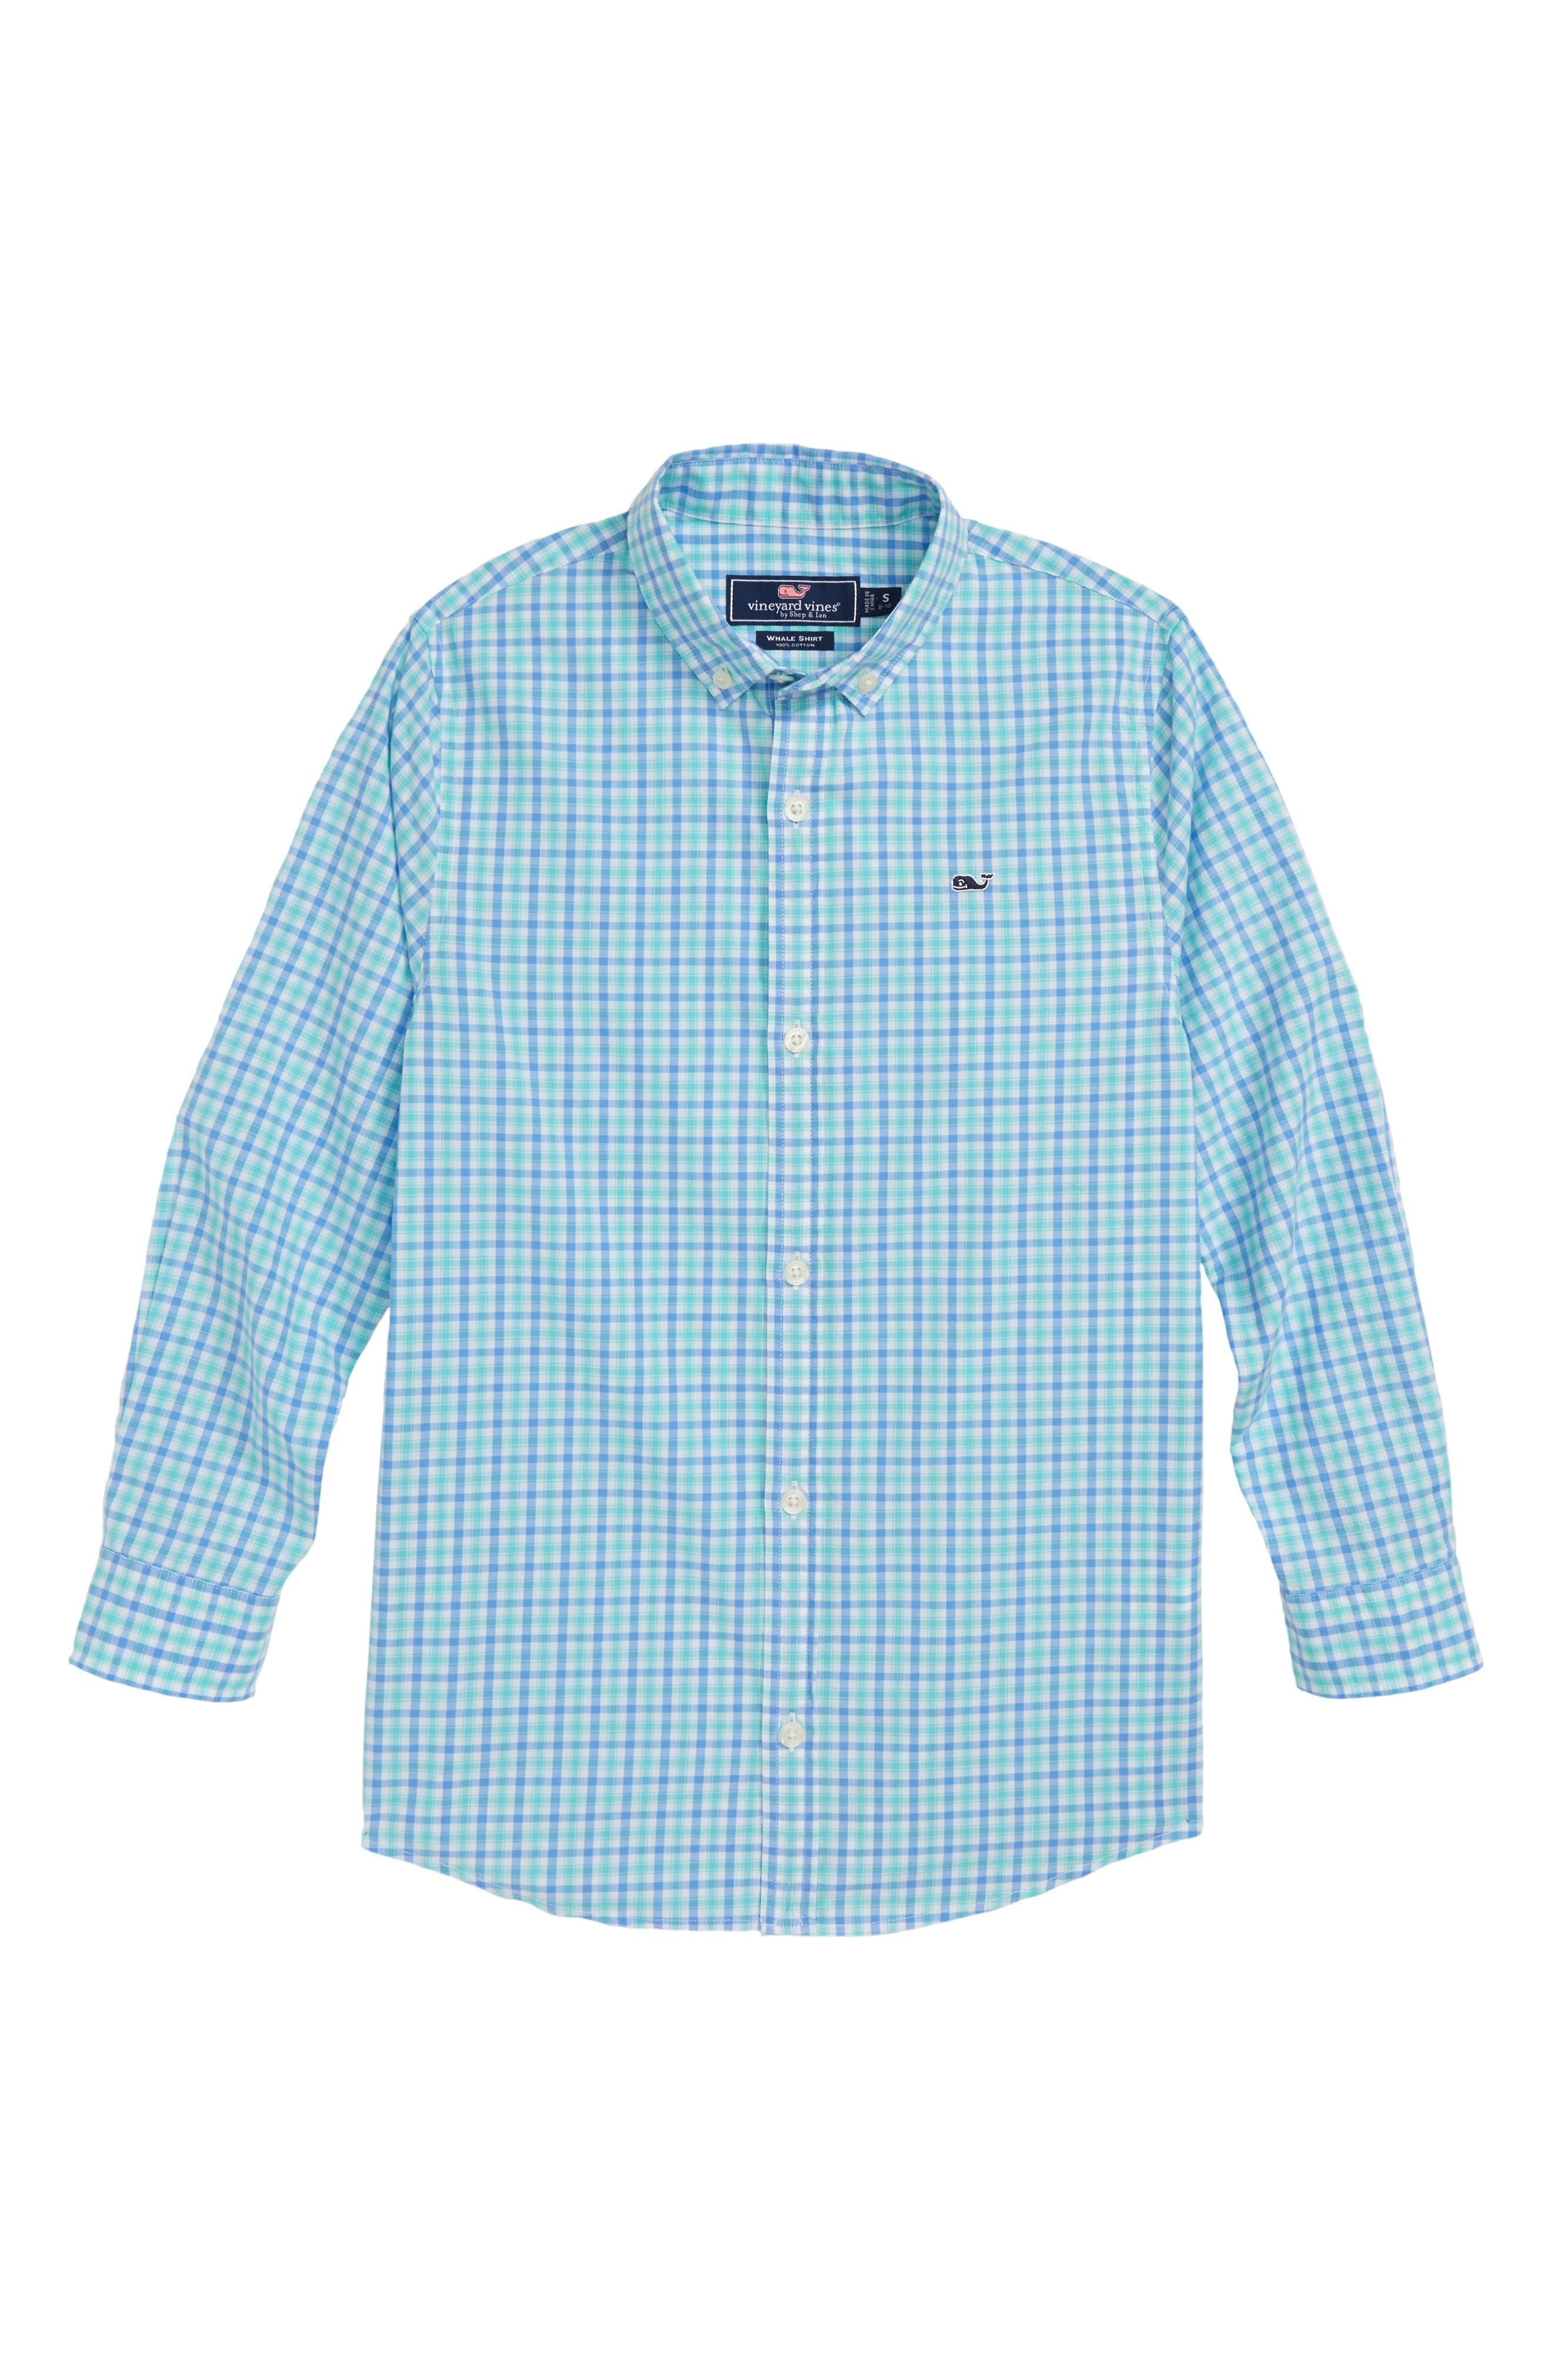 Poplin Cotton Whale Shirt,                         Main,                         color, CAPRI BLUE